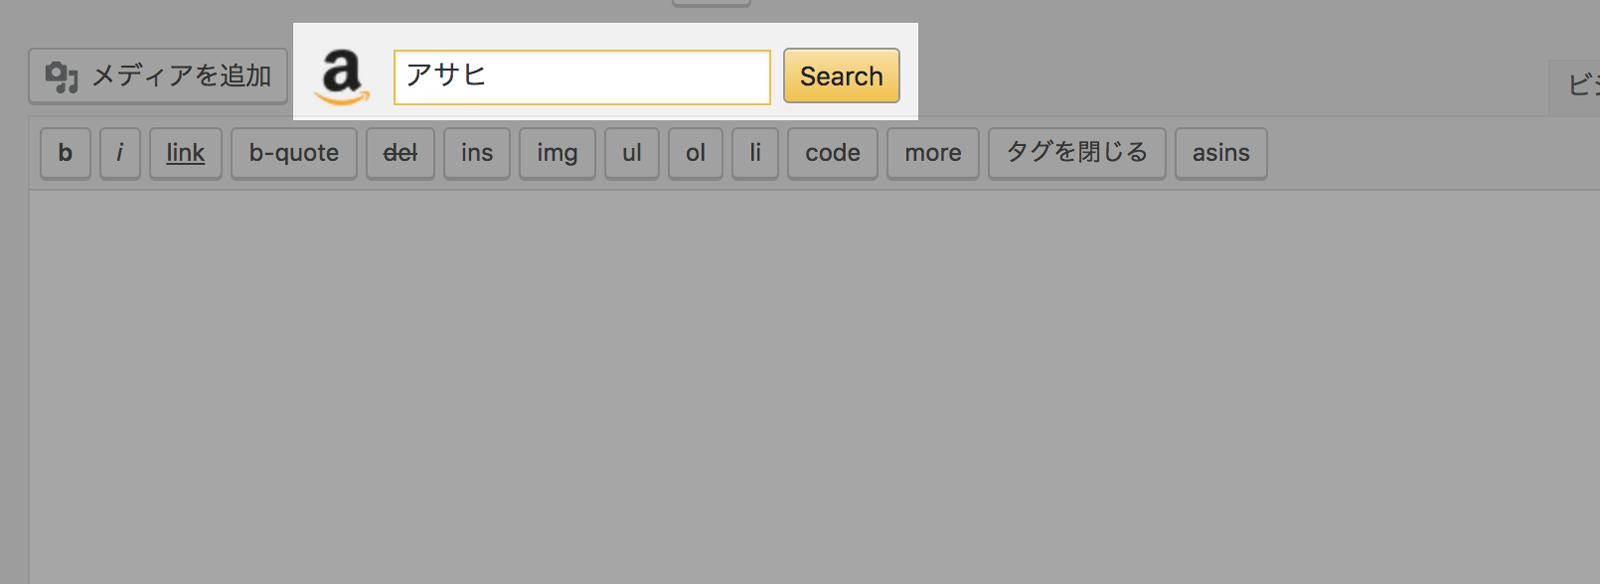 Amazonの商品検索をする